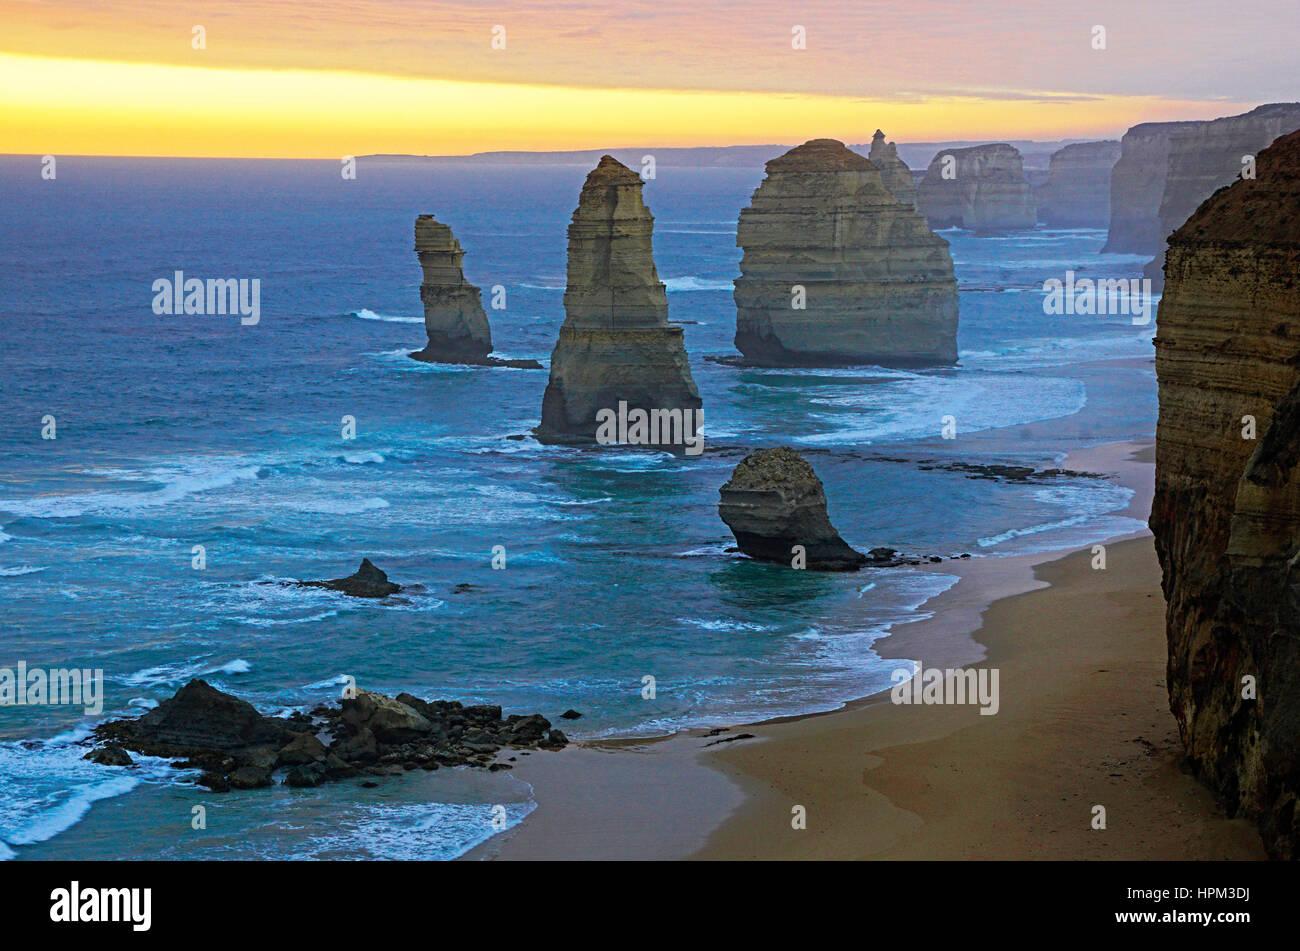 12 Apóstoles al atardecer a lo largo de Great Ocean Road, Victoria, Australia. Imagen De Stock